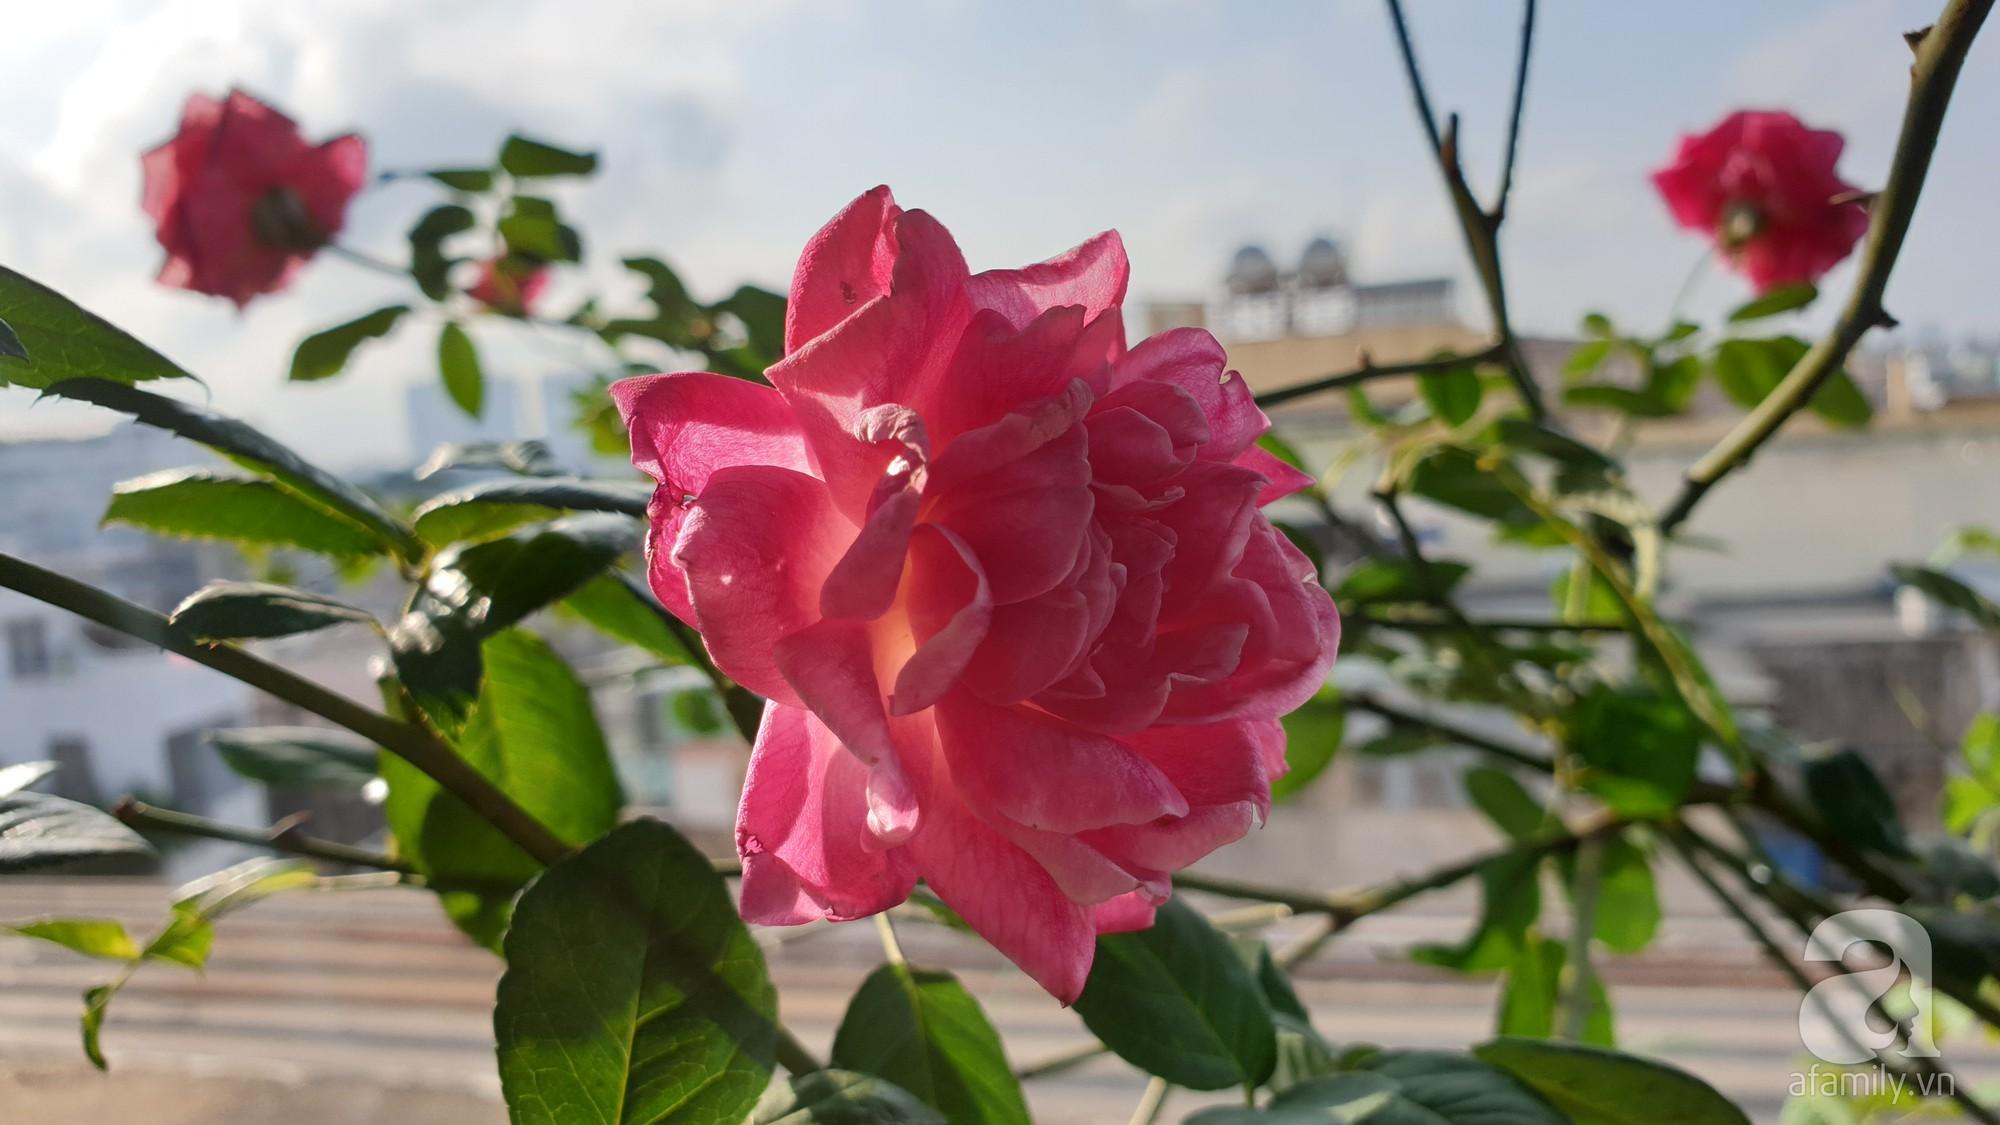 Vườn hồng trên sân thượng rực rỡ sắc màu của chàng trai 8x siêu đảm ở Sài Gòn - Ảnh 15.